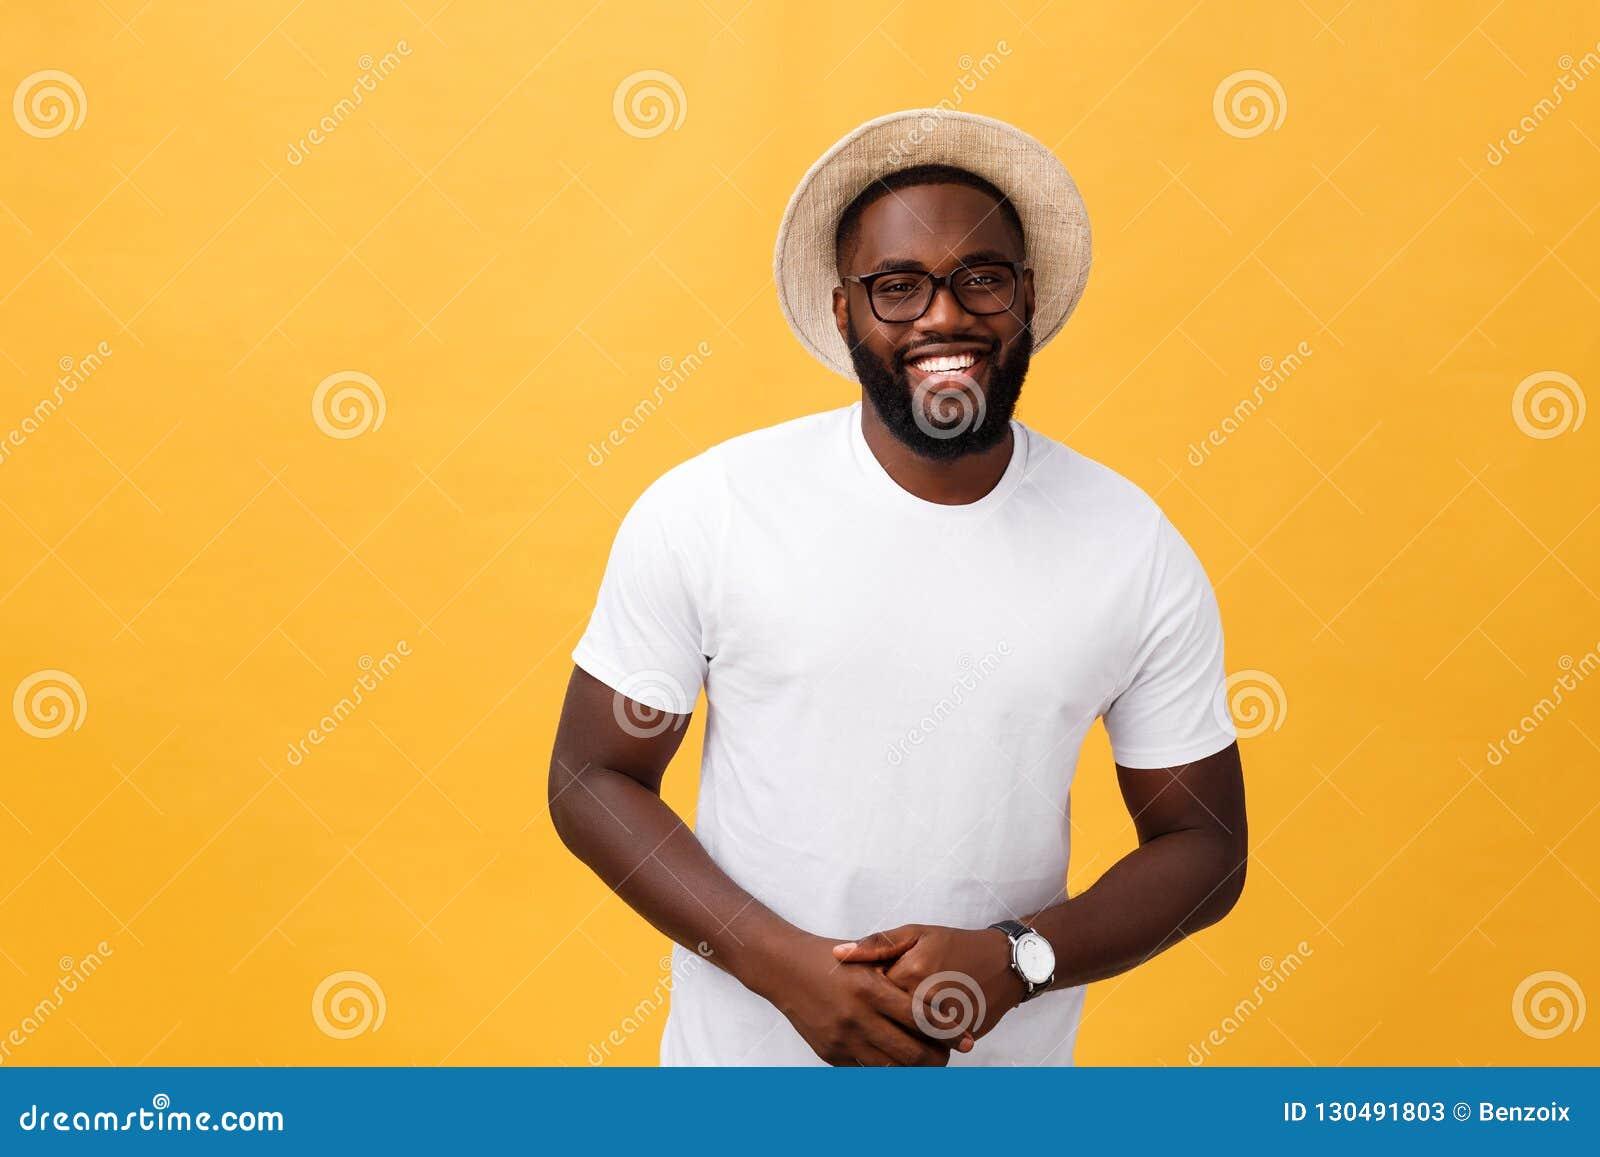 Enige knappe spier Zwarte mens met geschoren hoofd, gevouwen wapens en vrolijke uitdrukking